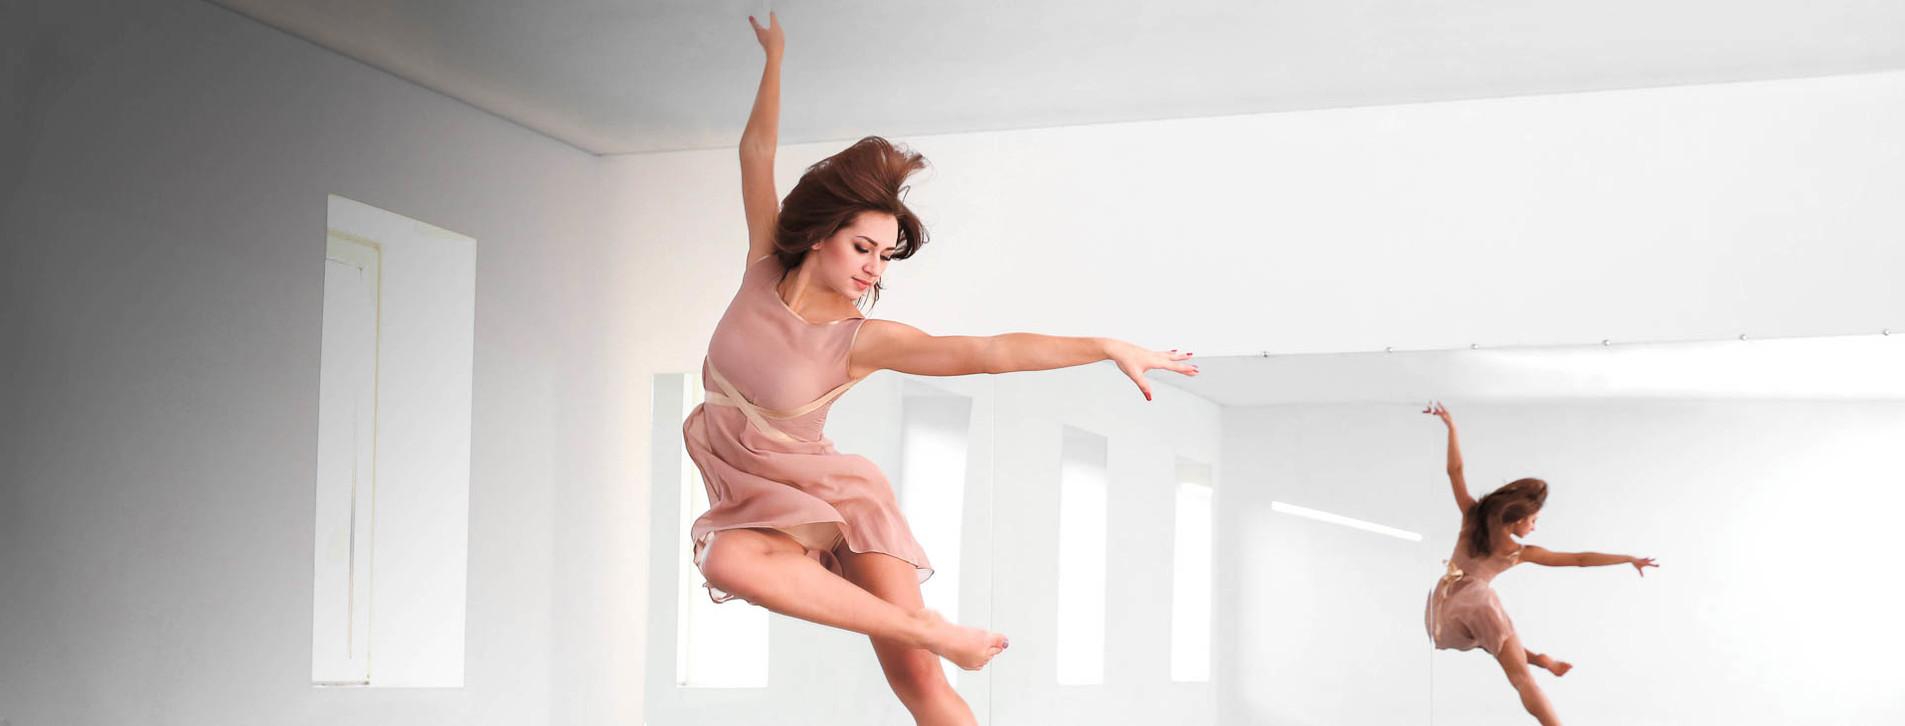 Фото 1 - Абонемент на танці